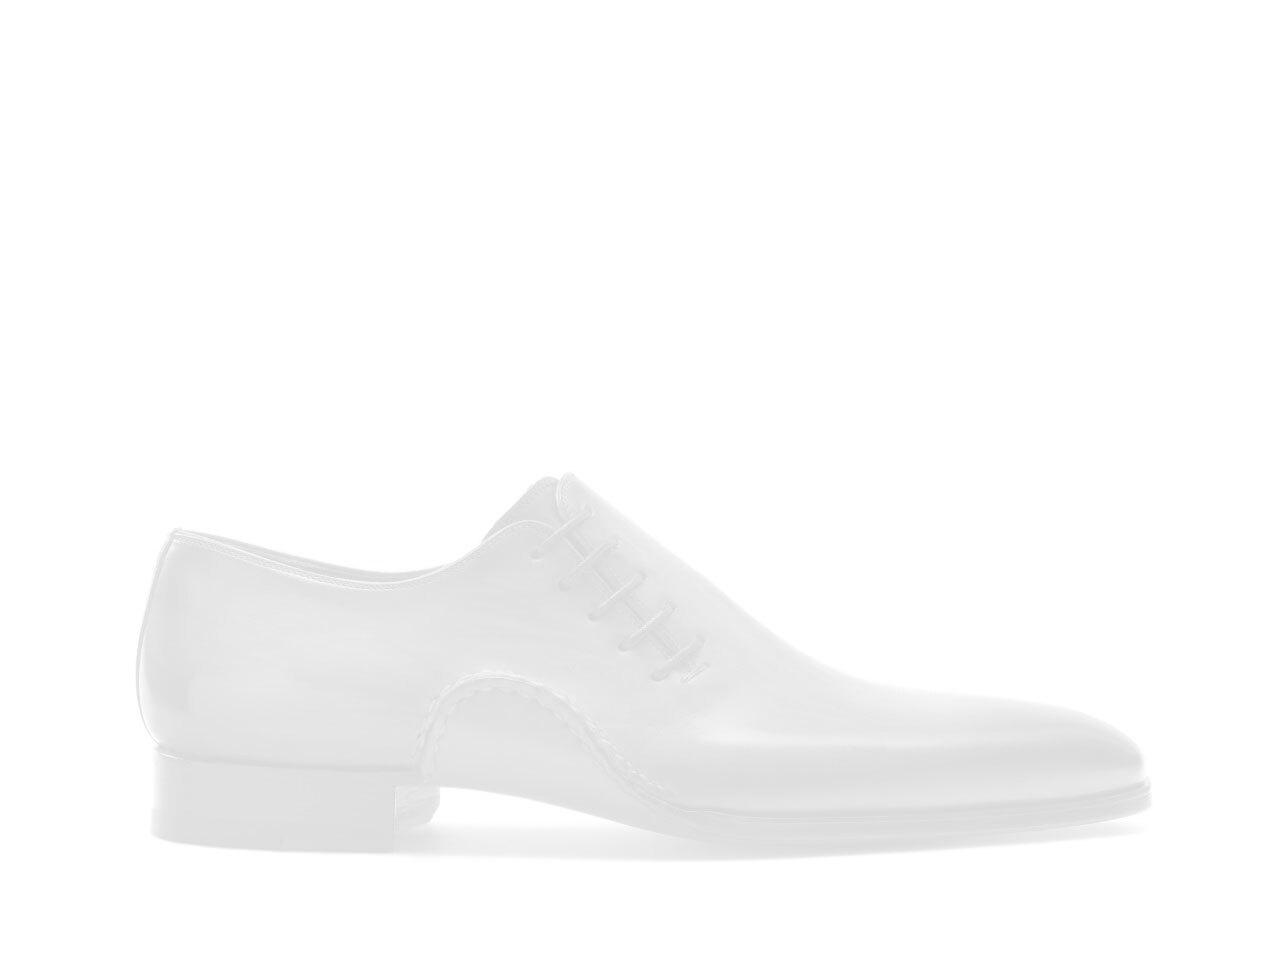 Pair of the Magnanni Corey Black Men's Oxford Shoes